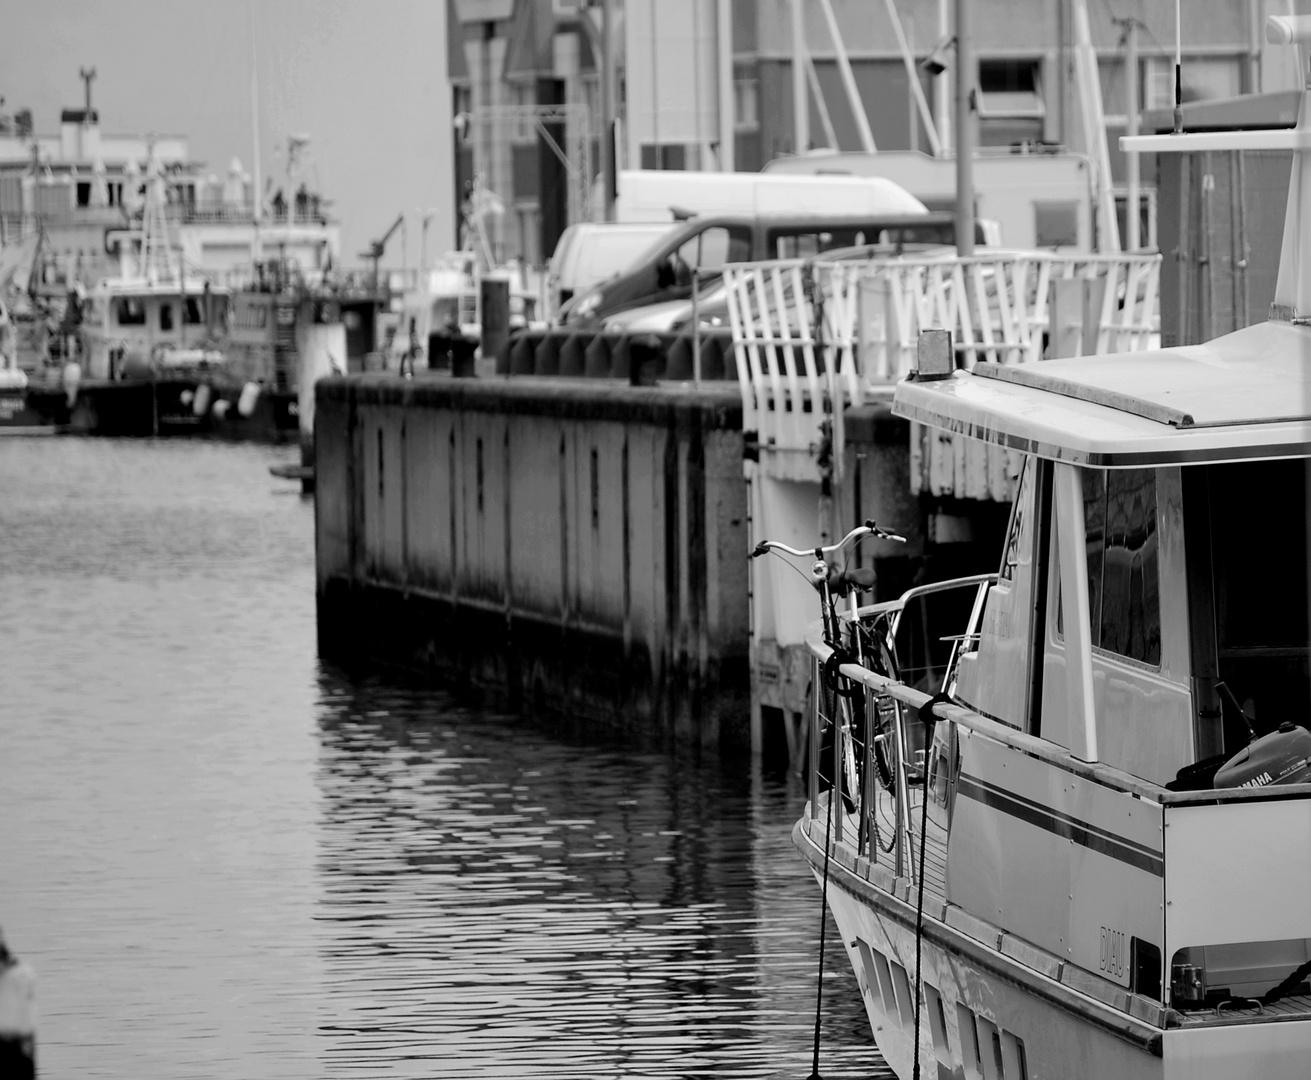 Sur un bateau voguait une bicyclette